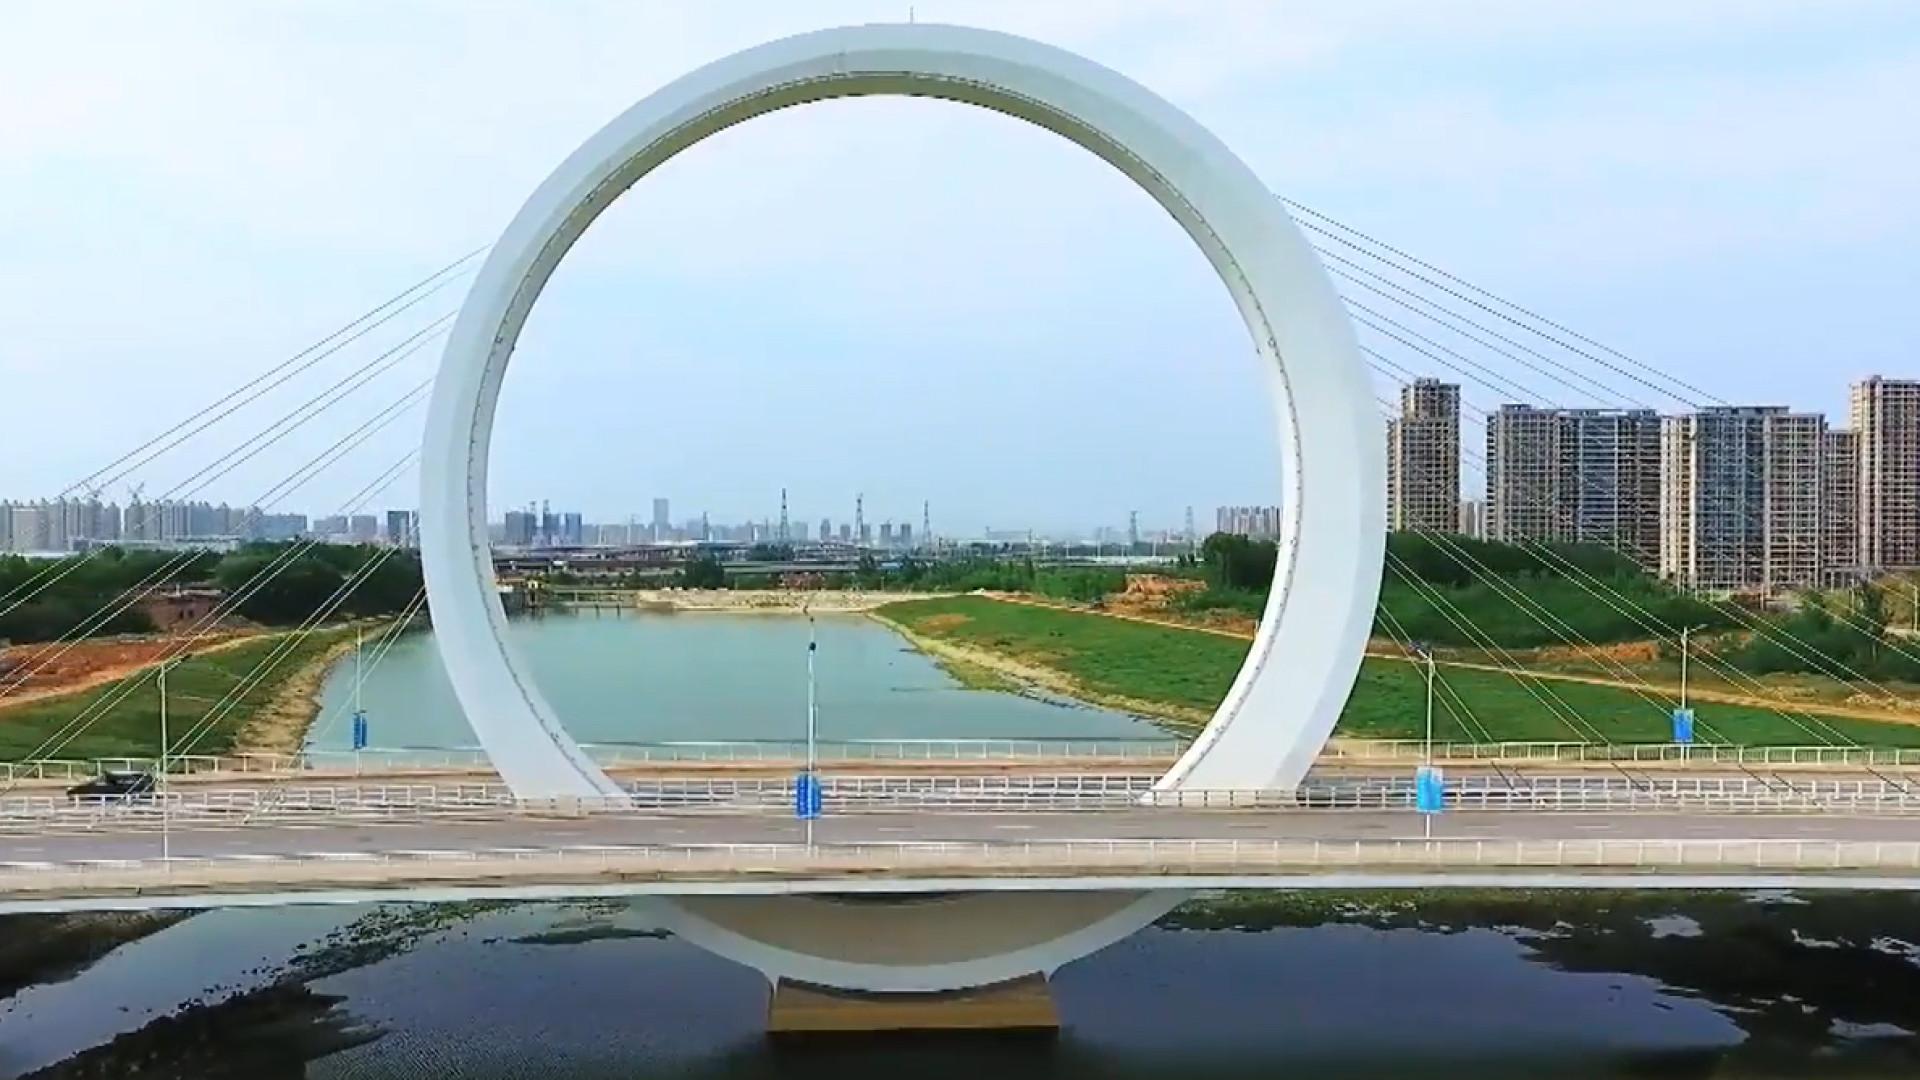 Anel gigante suporta ponte icónica na China